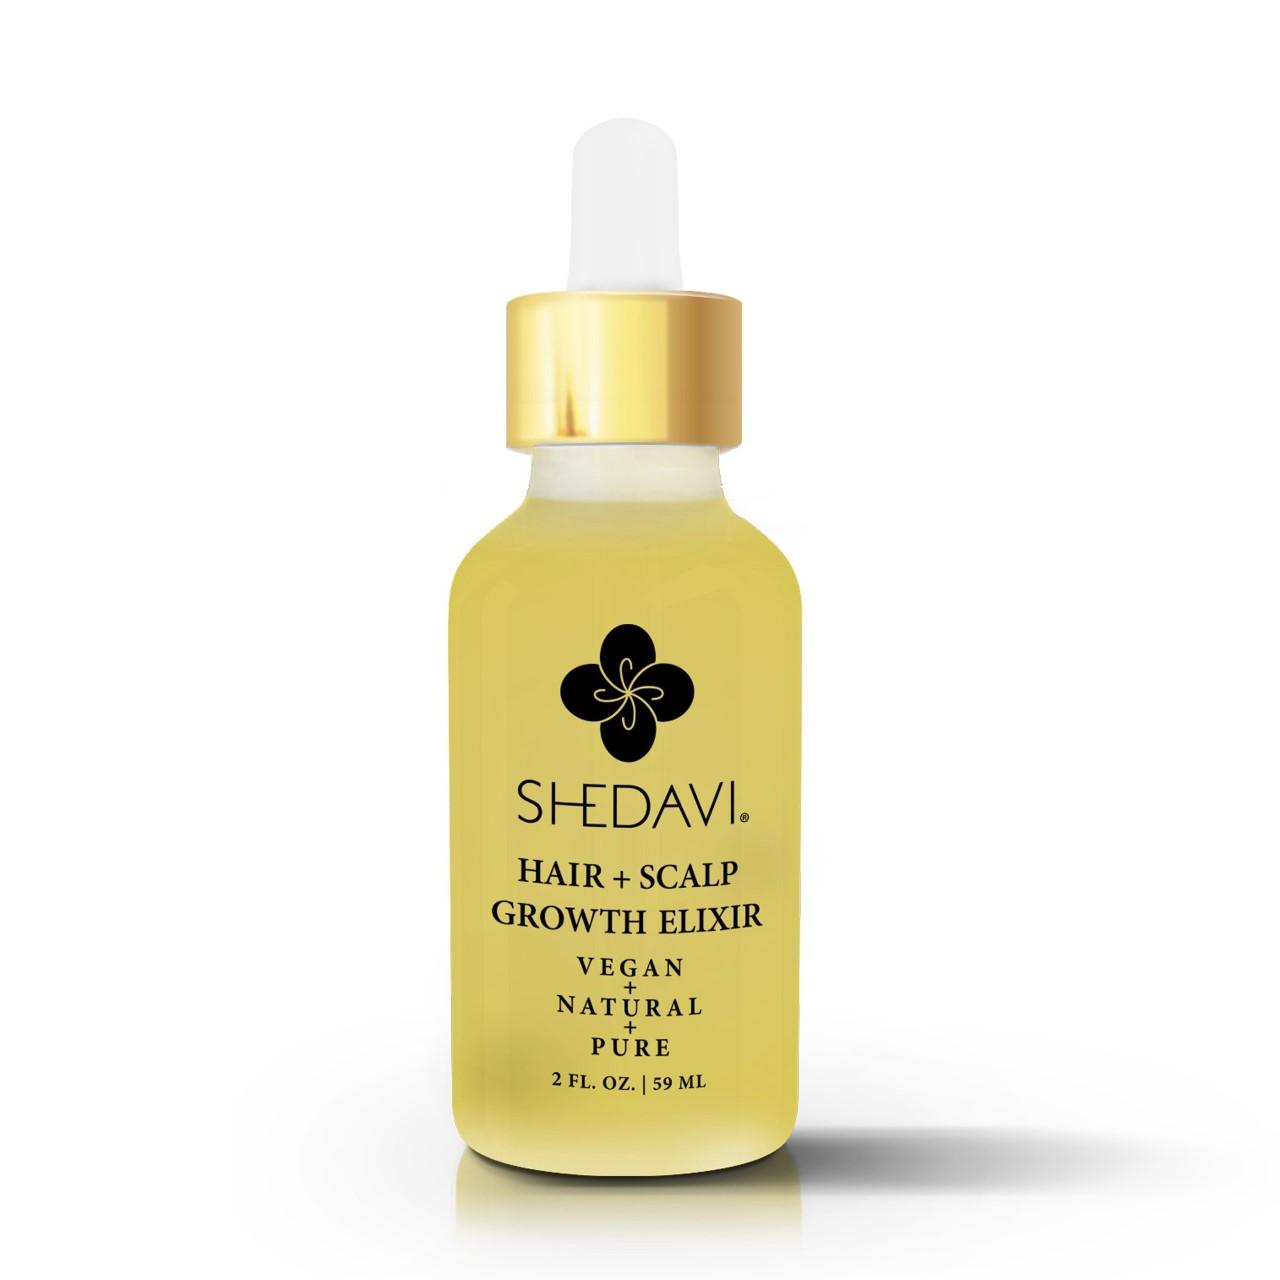 Shedavi Hair Care